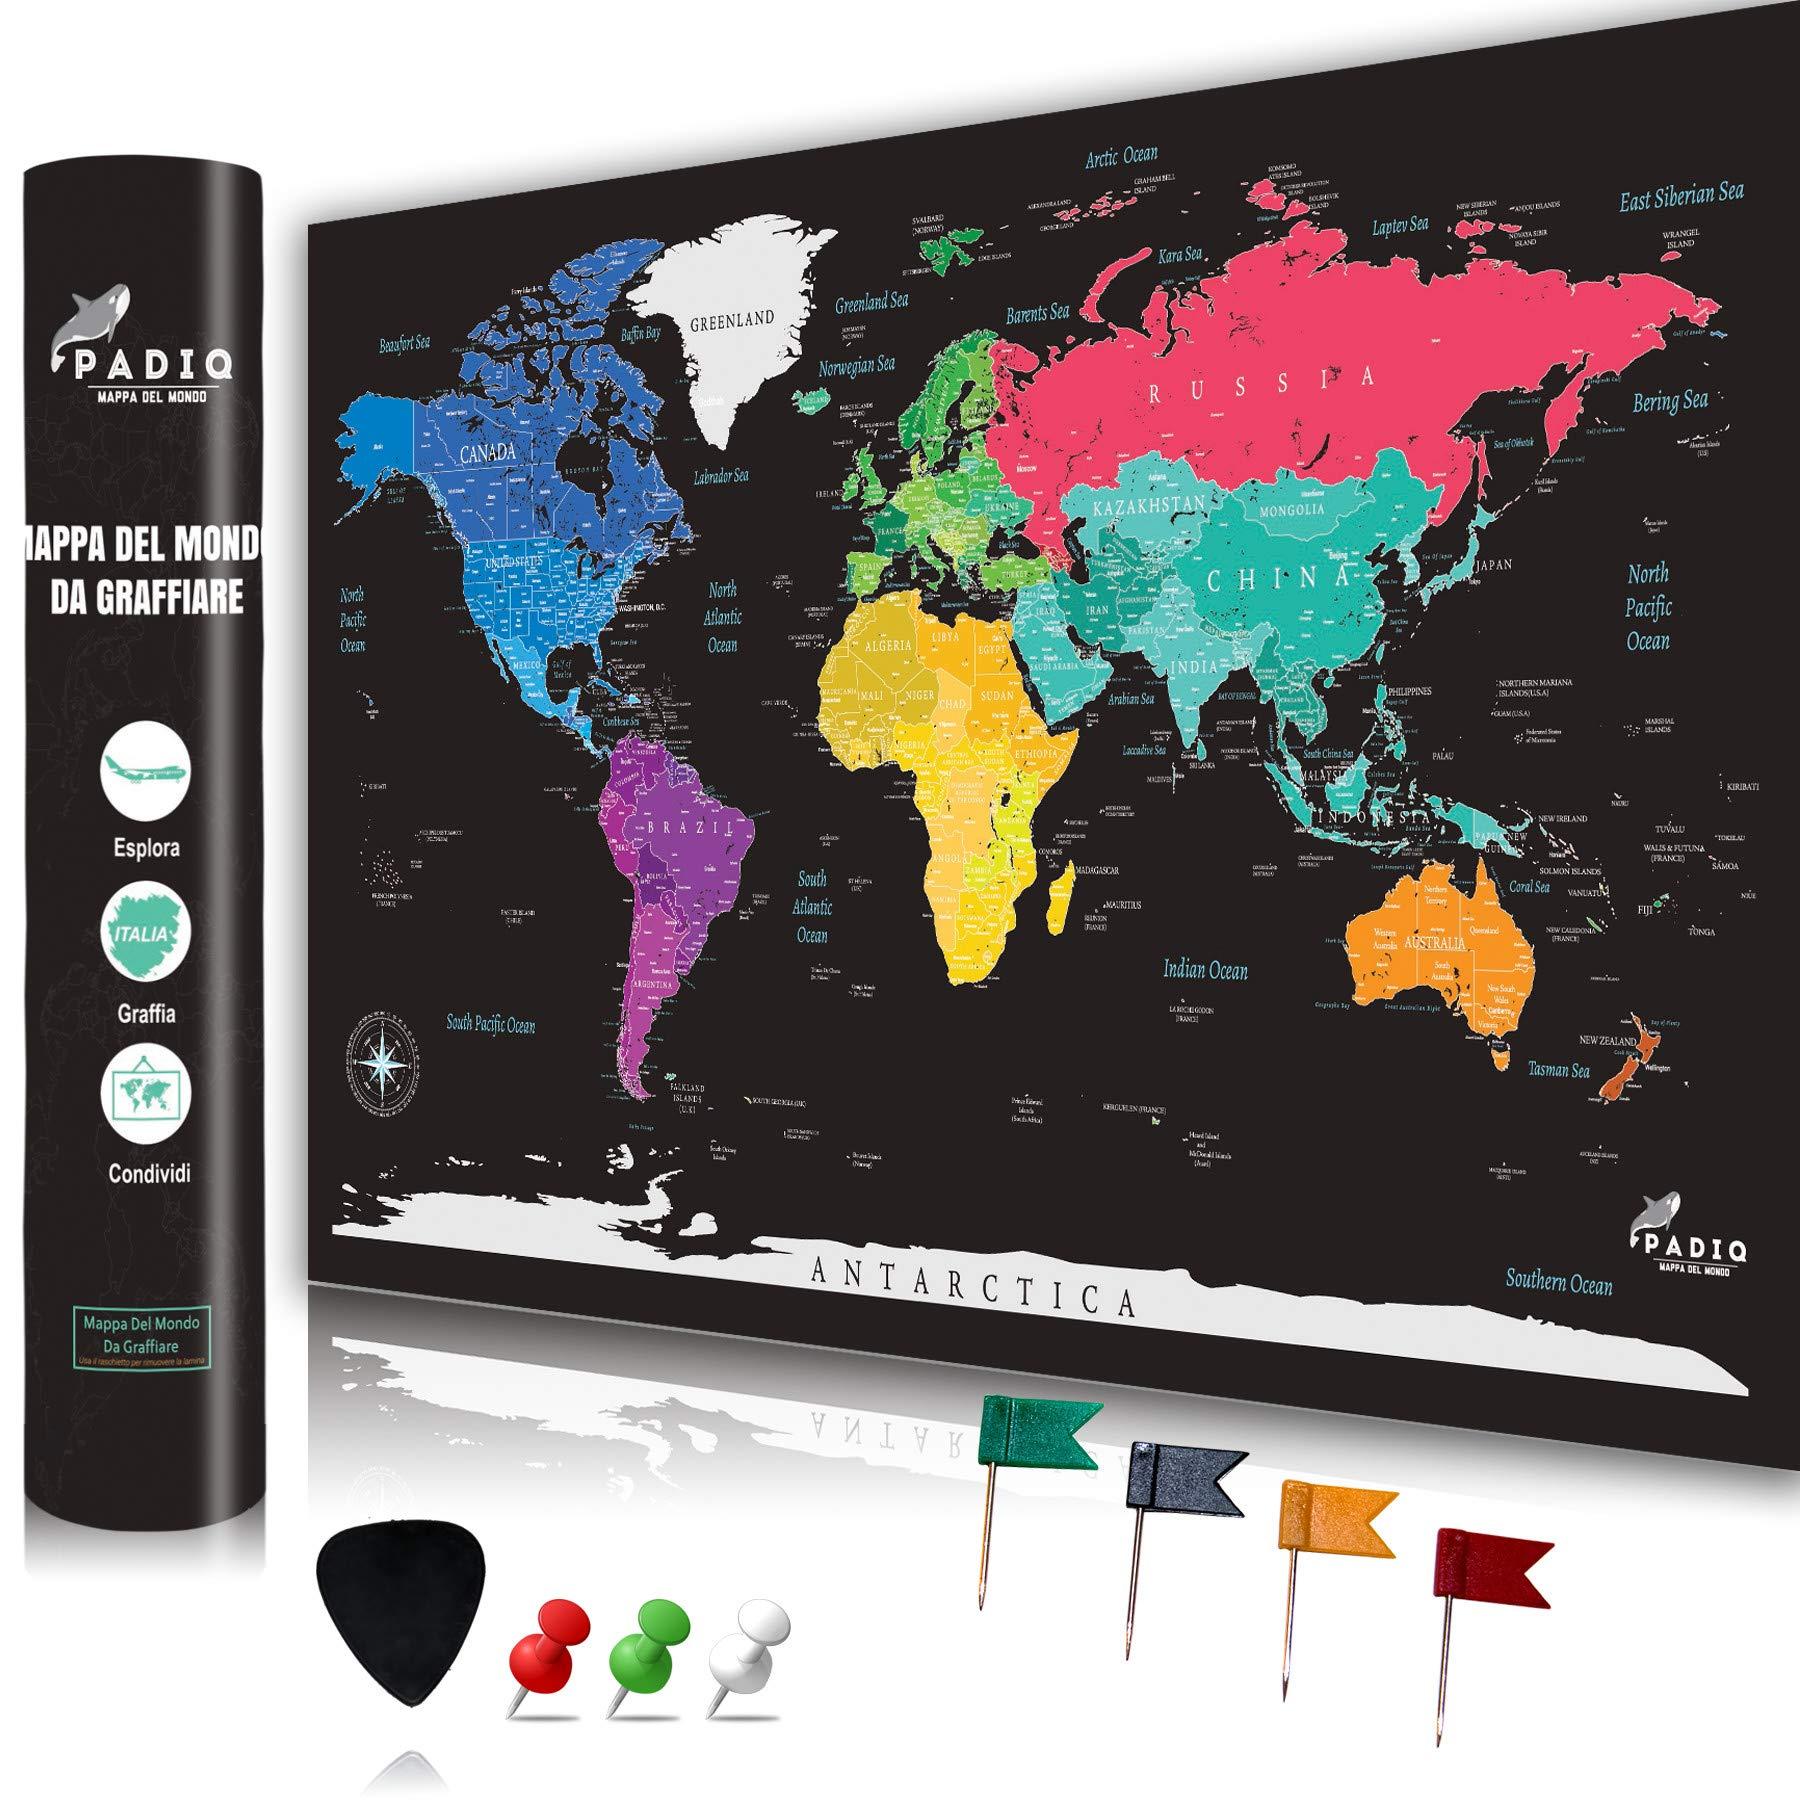 Cartina Mondo Gratta.Padiq Mappa Del Mondo Da Grattare Design Minimalista Qualita Premium Xxl 90 X 55 Poster Da Grattare Design Esclusivo Cartina Geografica Dettagliata Planisfero Da Grattare Idea Regalo Faceshopping